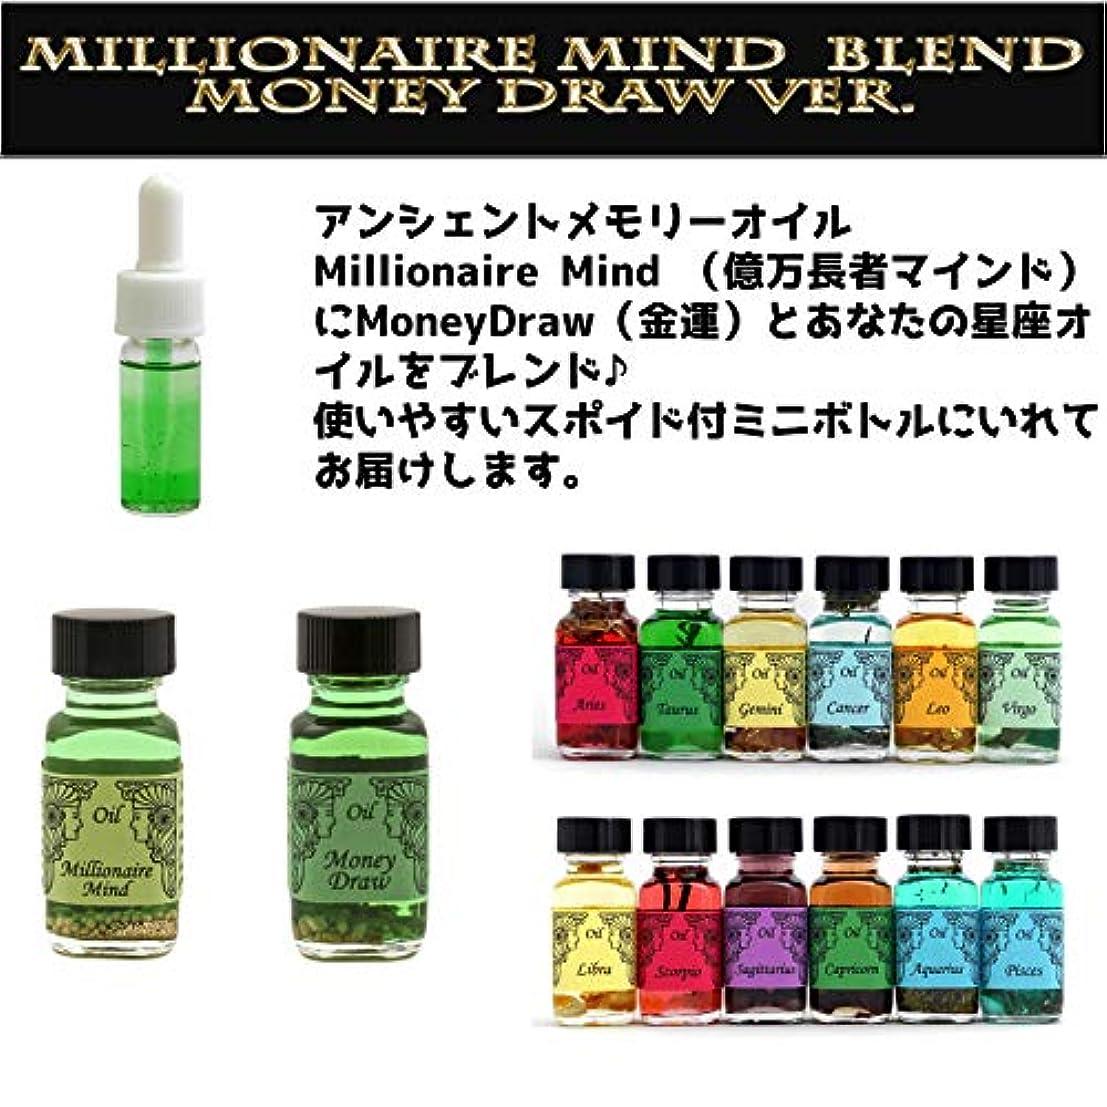 淡い特権的アプローチアンシェントメモリーオイル Millionaire Mind 億万長者マインド ブレンド(Money Drawマネードロー(金運)&みずがめ座